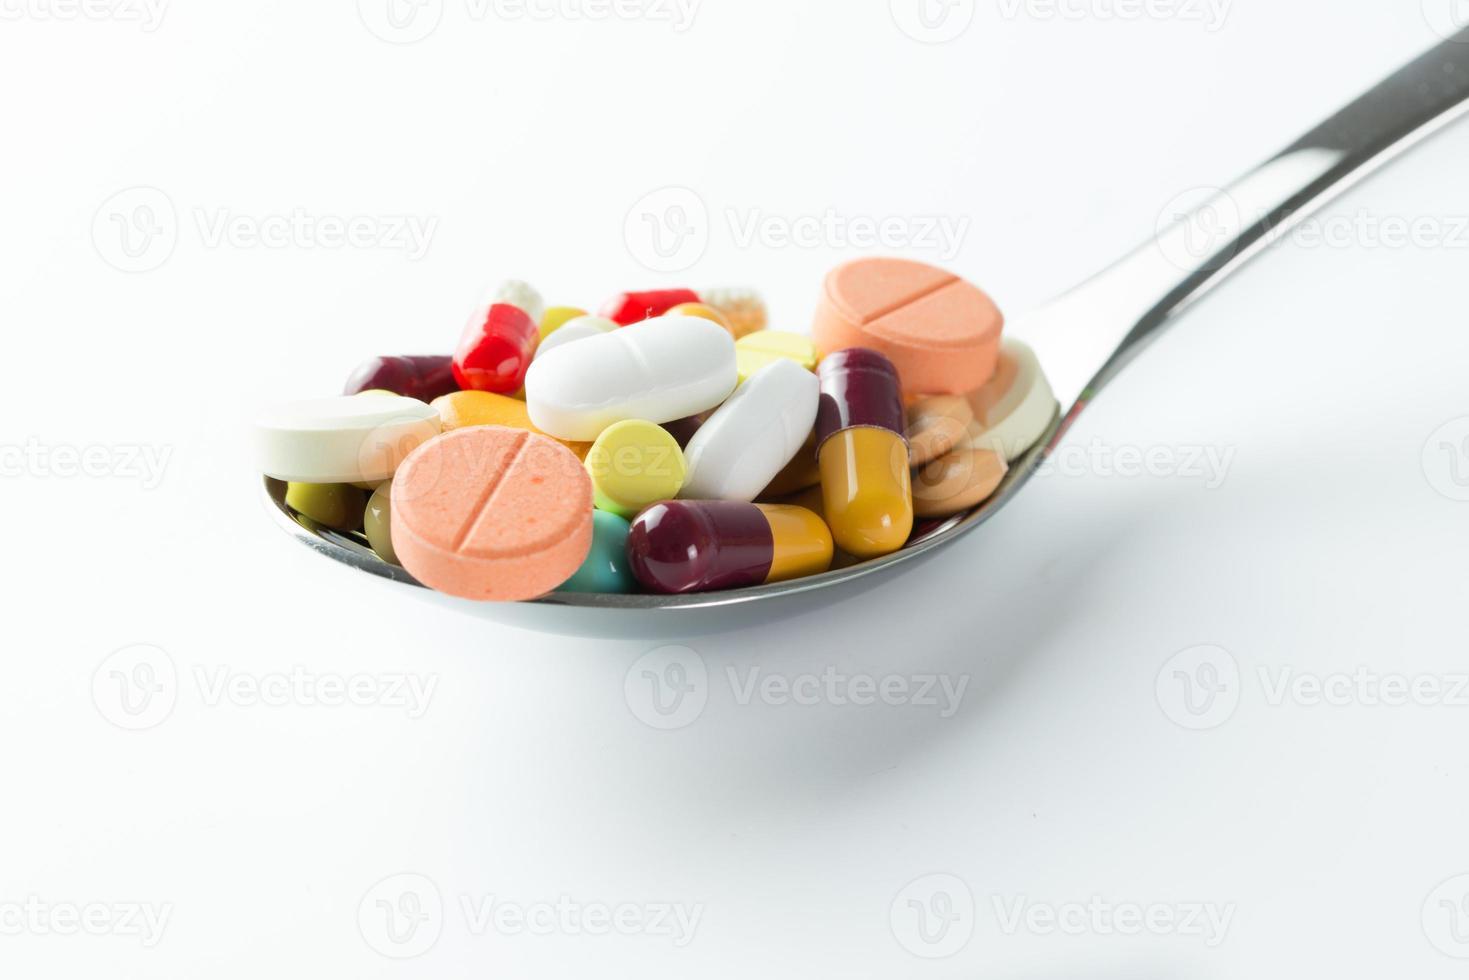 cuchara llena de pastillas medicinales foto